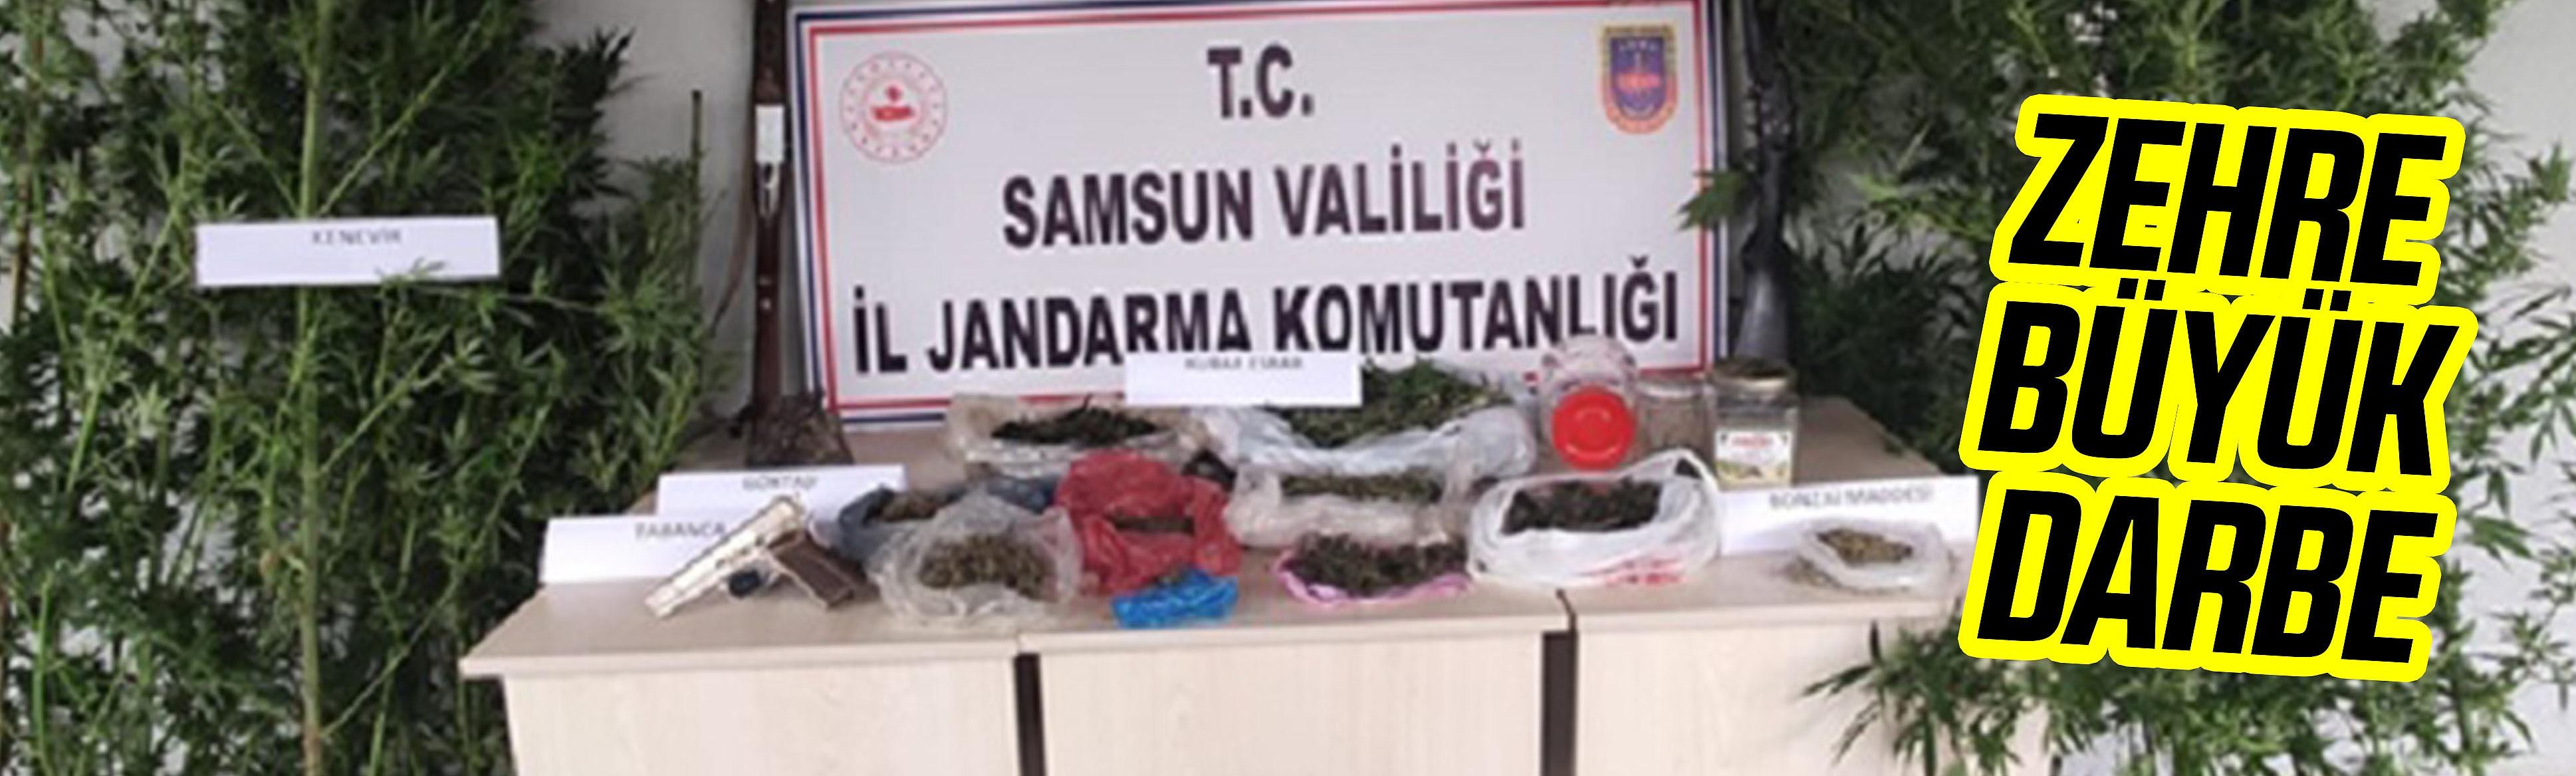 Uyuşturucudan 17 şüpheli yakalandı